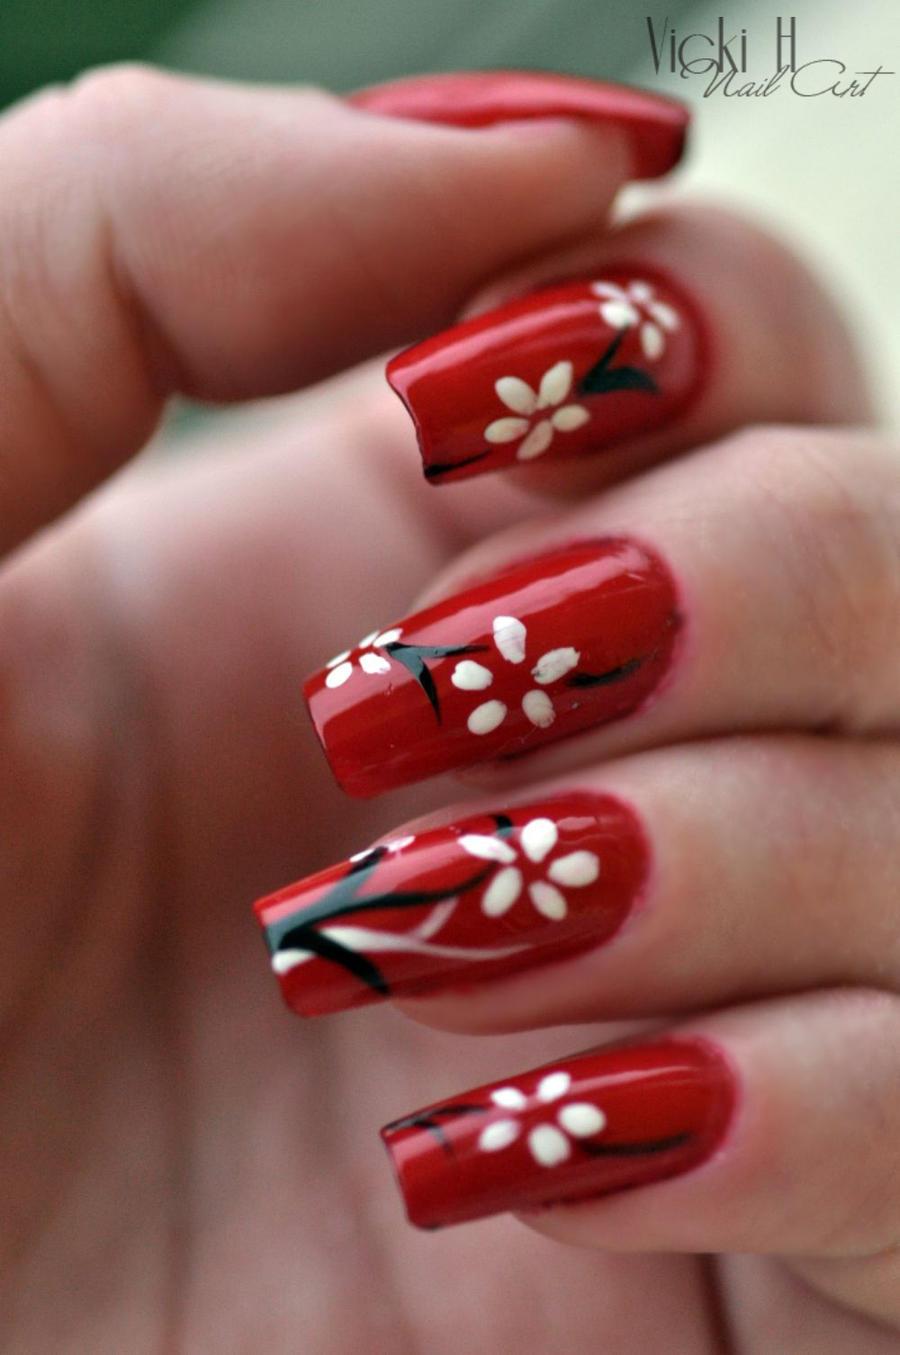 Nail arts Nail_art_17_by_vickih-d3fqau2